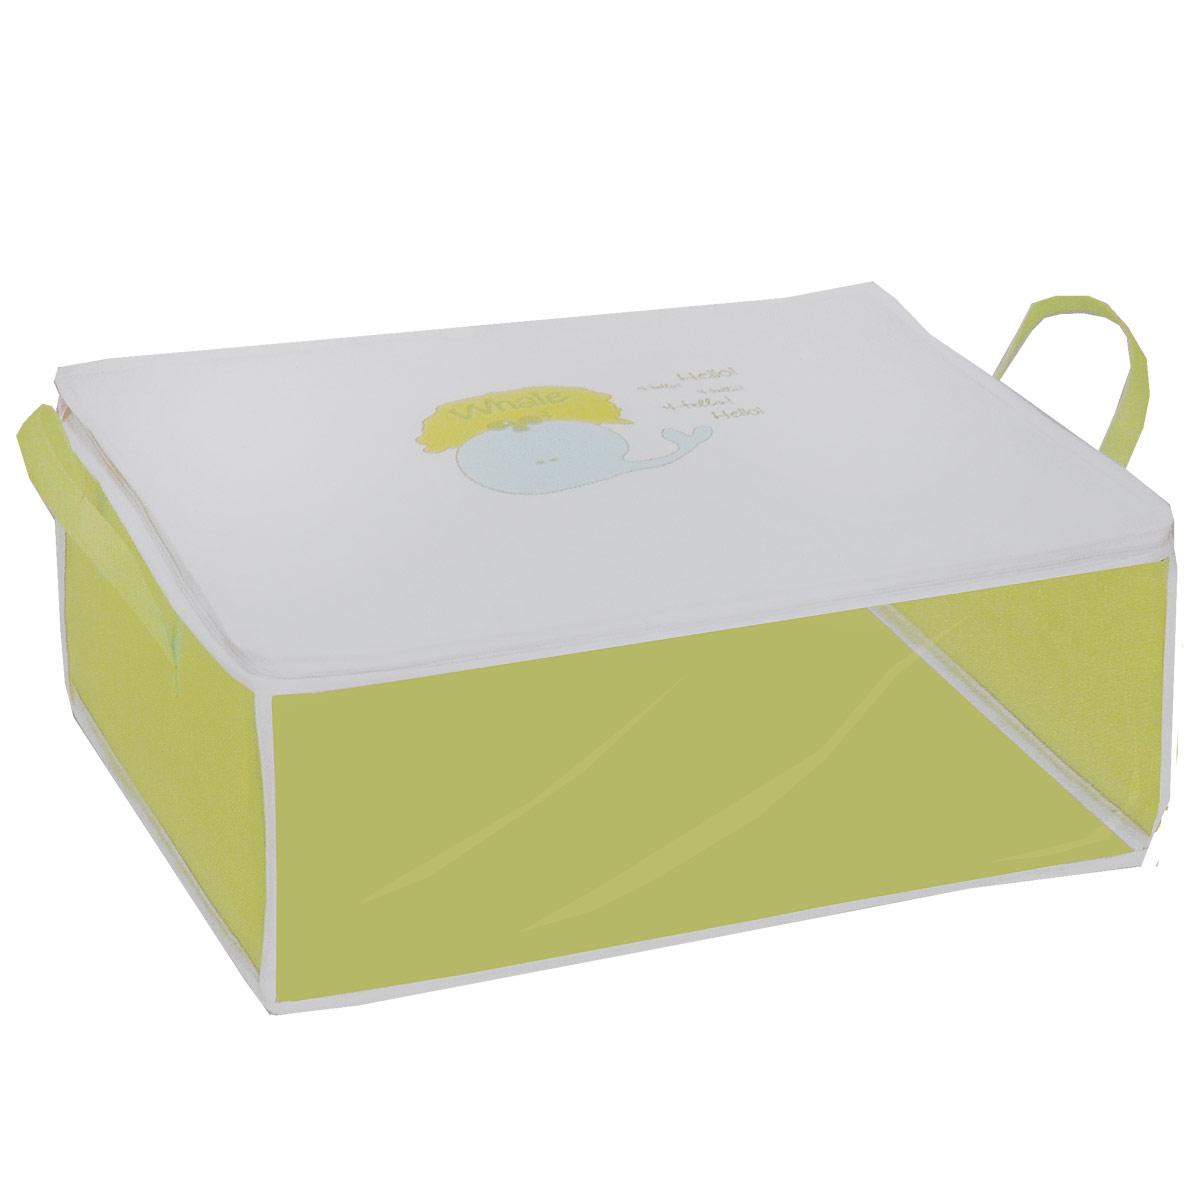 Кофр для хранения Hausmann, цвет: салатовый, белый, 50 x 40 x 20 смBA225-3Кофр для хранения Hausmann изготовлен из высококачественного нетканого материала, который позволяет сохранять естественную вентиляцию, а воздуху свободно проникать внутрь, не пропуская пыль. Прозрачная полиэтиленовая вставка позволит вам без труда определить содержимое кофра. Изделие оснащено молнией и двумя ручками по бокам. Мобильность конструкции обеспечивает складывание и раскладывание одним движением. Размер кофра: 50 см x 40 см x 20 см. Материал: нетканый материал, PEVA.